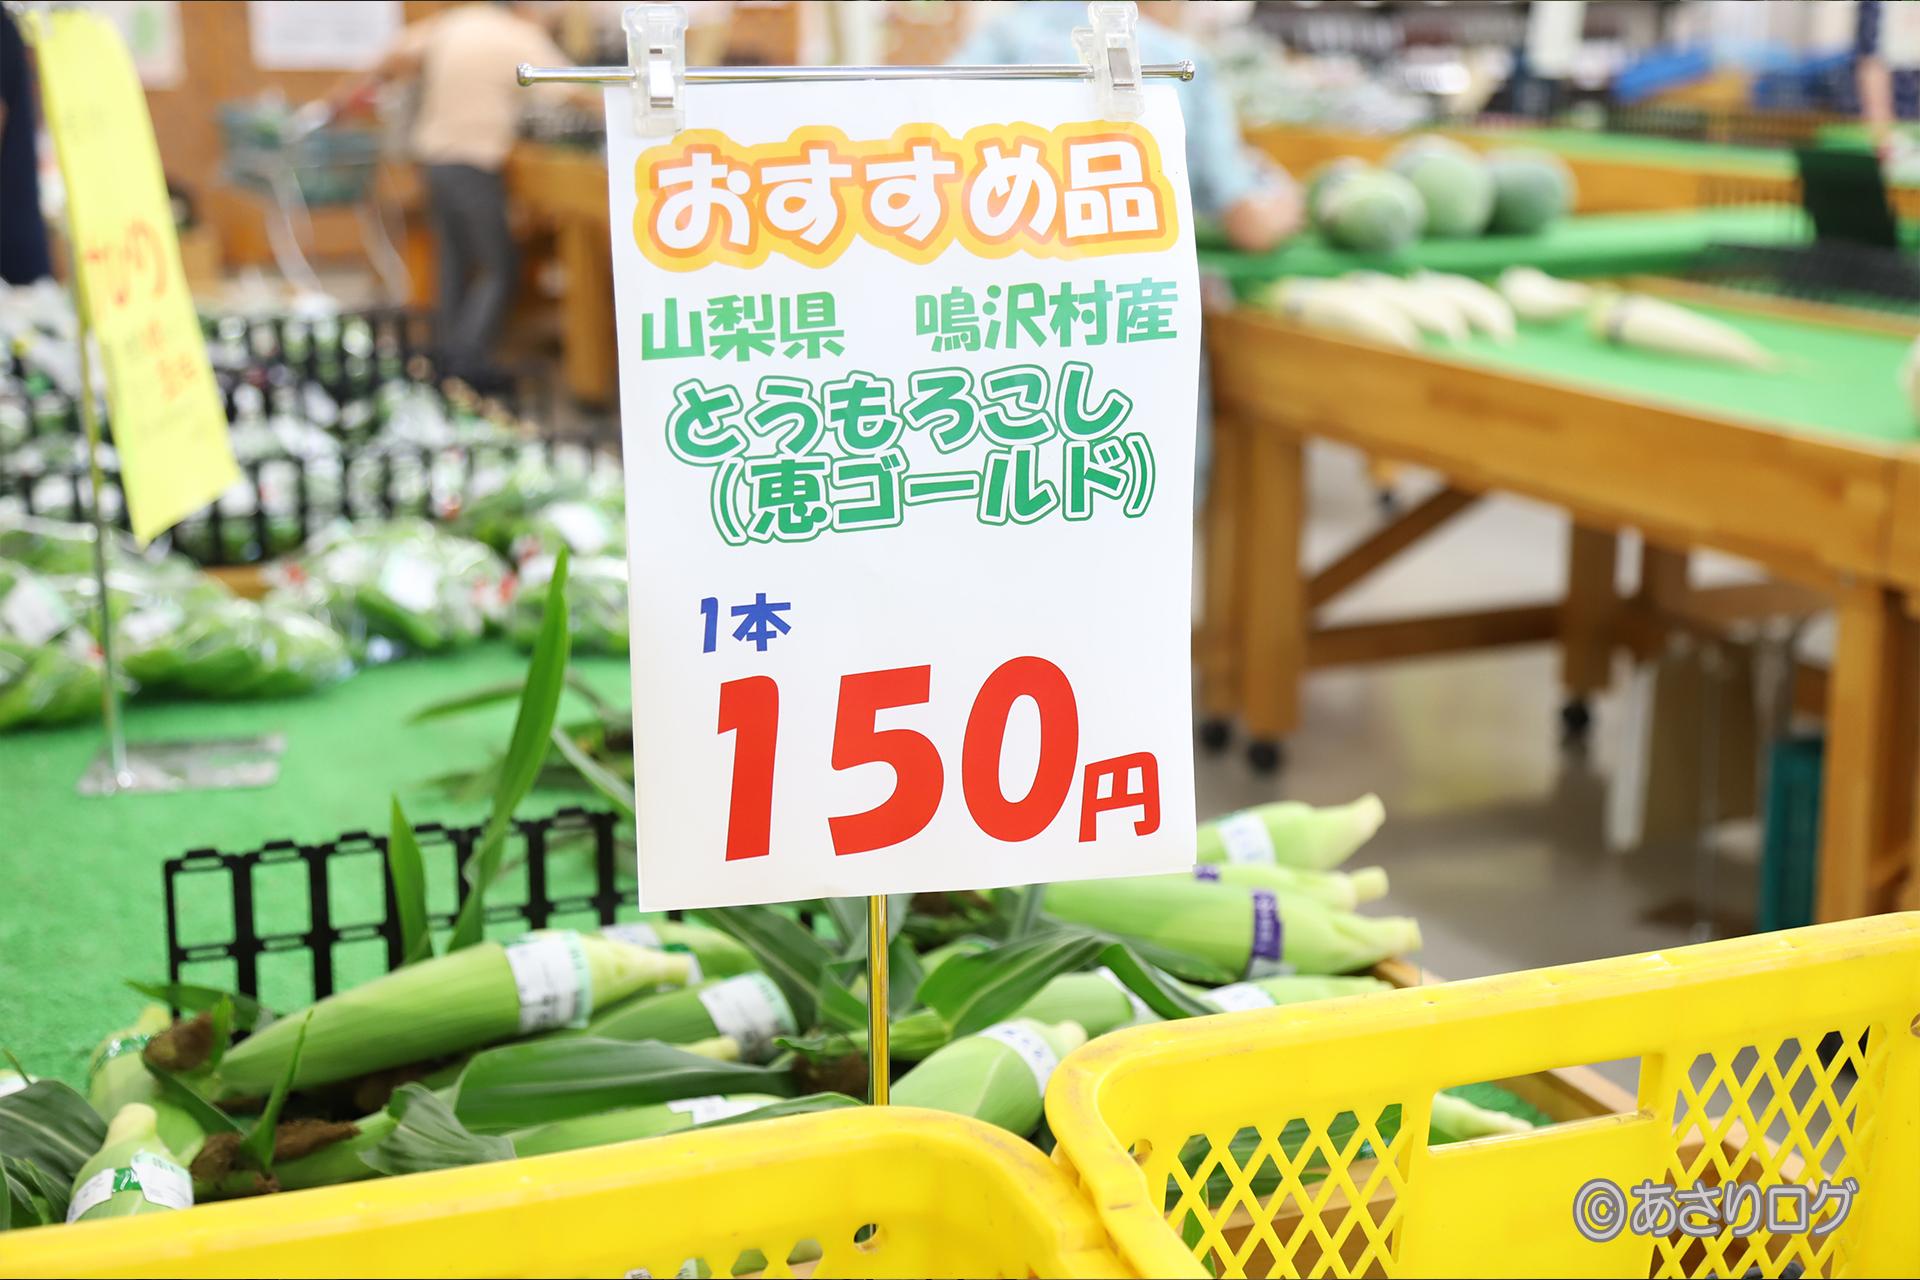 yamanashi Corn